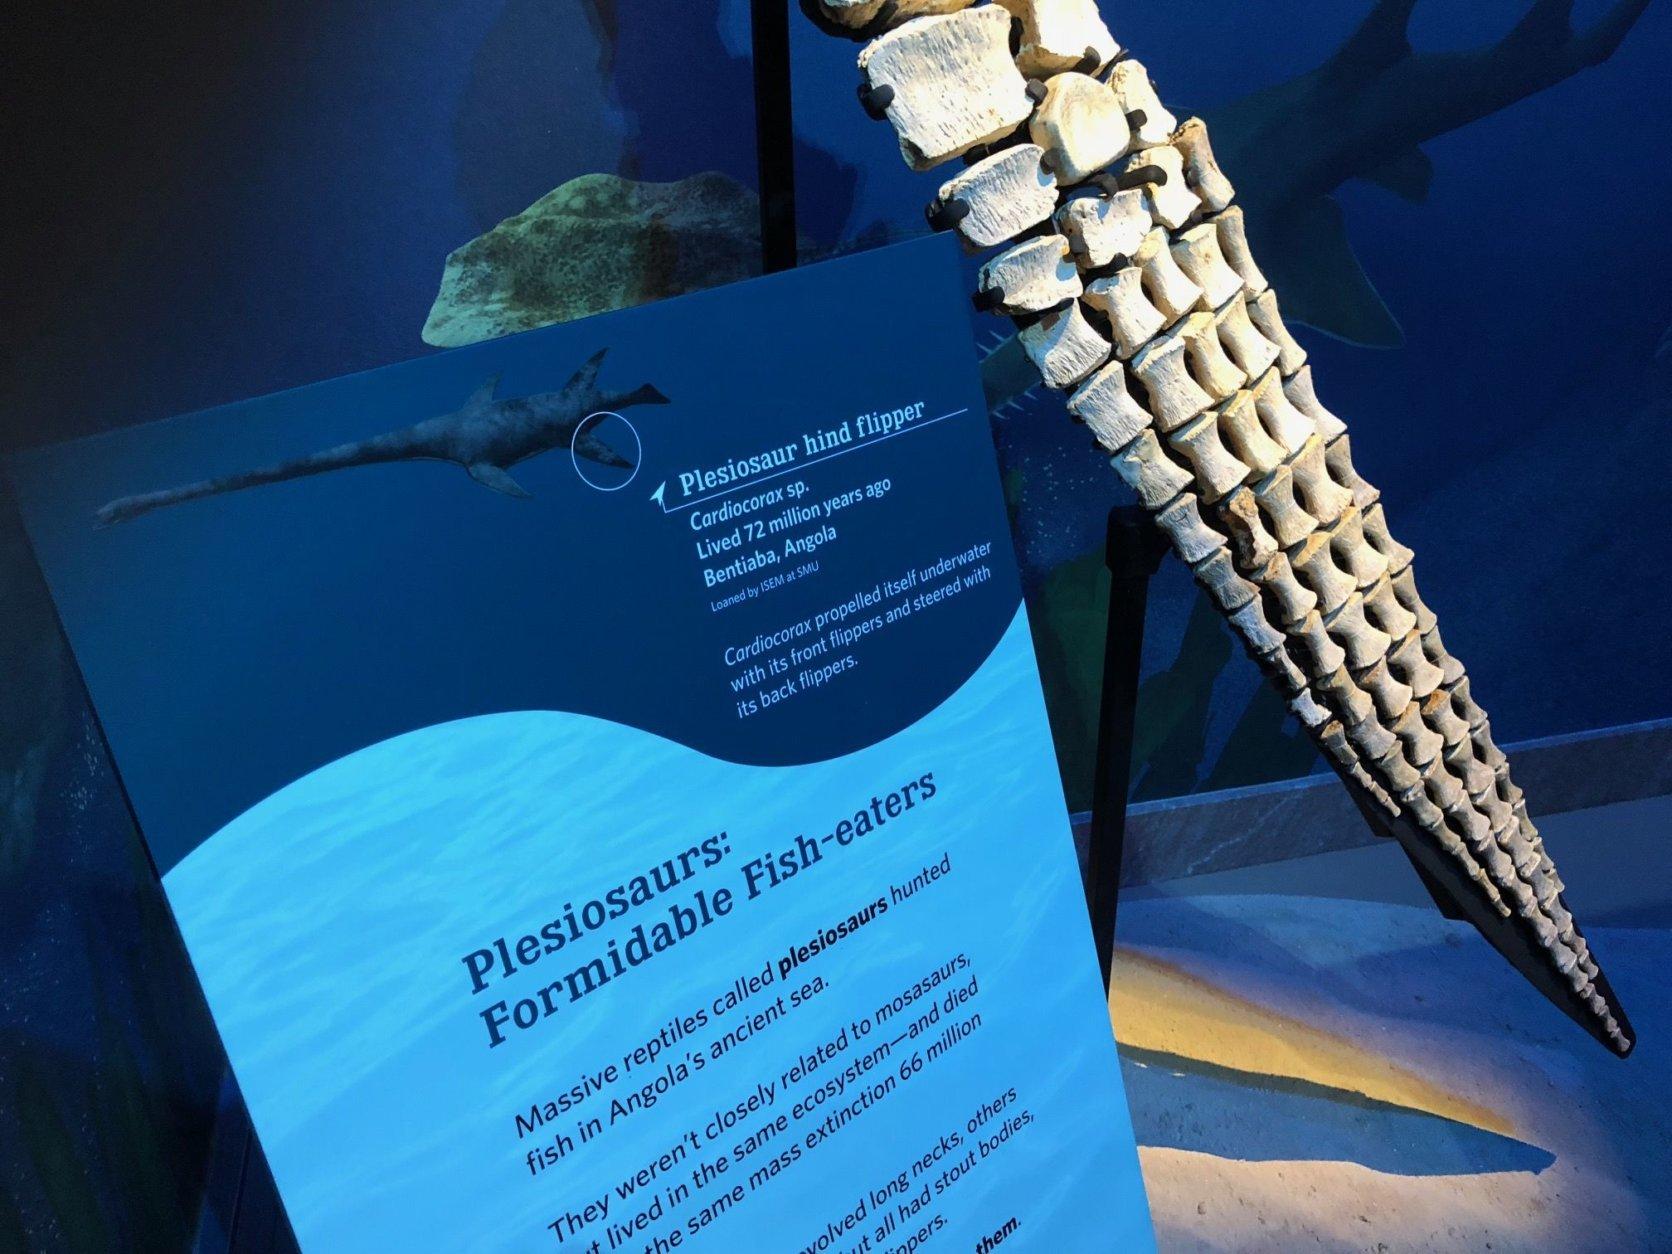 A fossilized plesiosaur flipper. (WTOP/Kristi King)